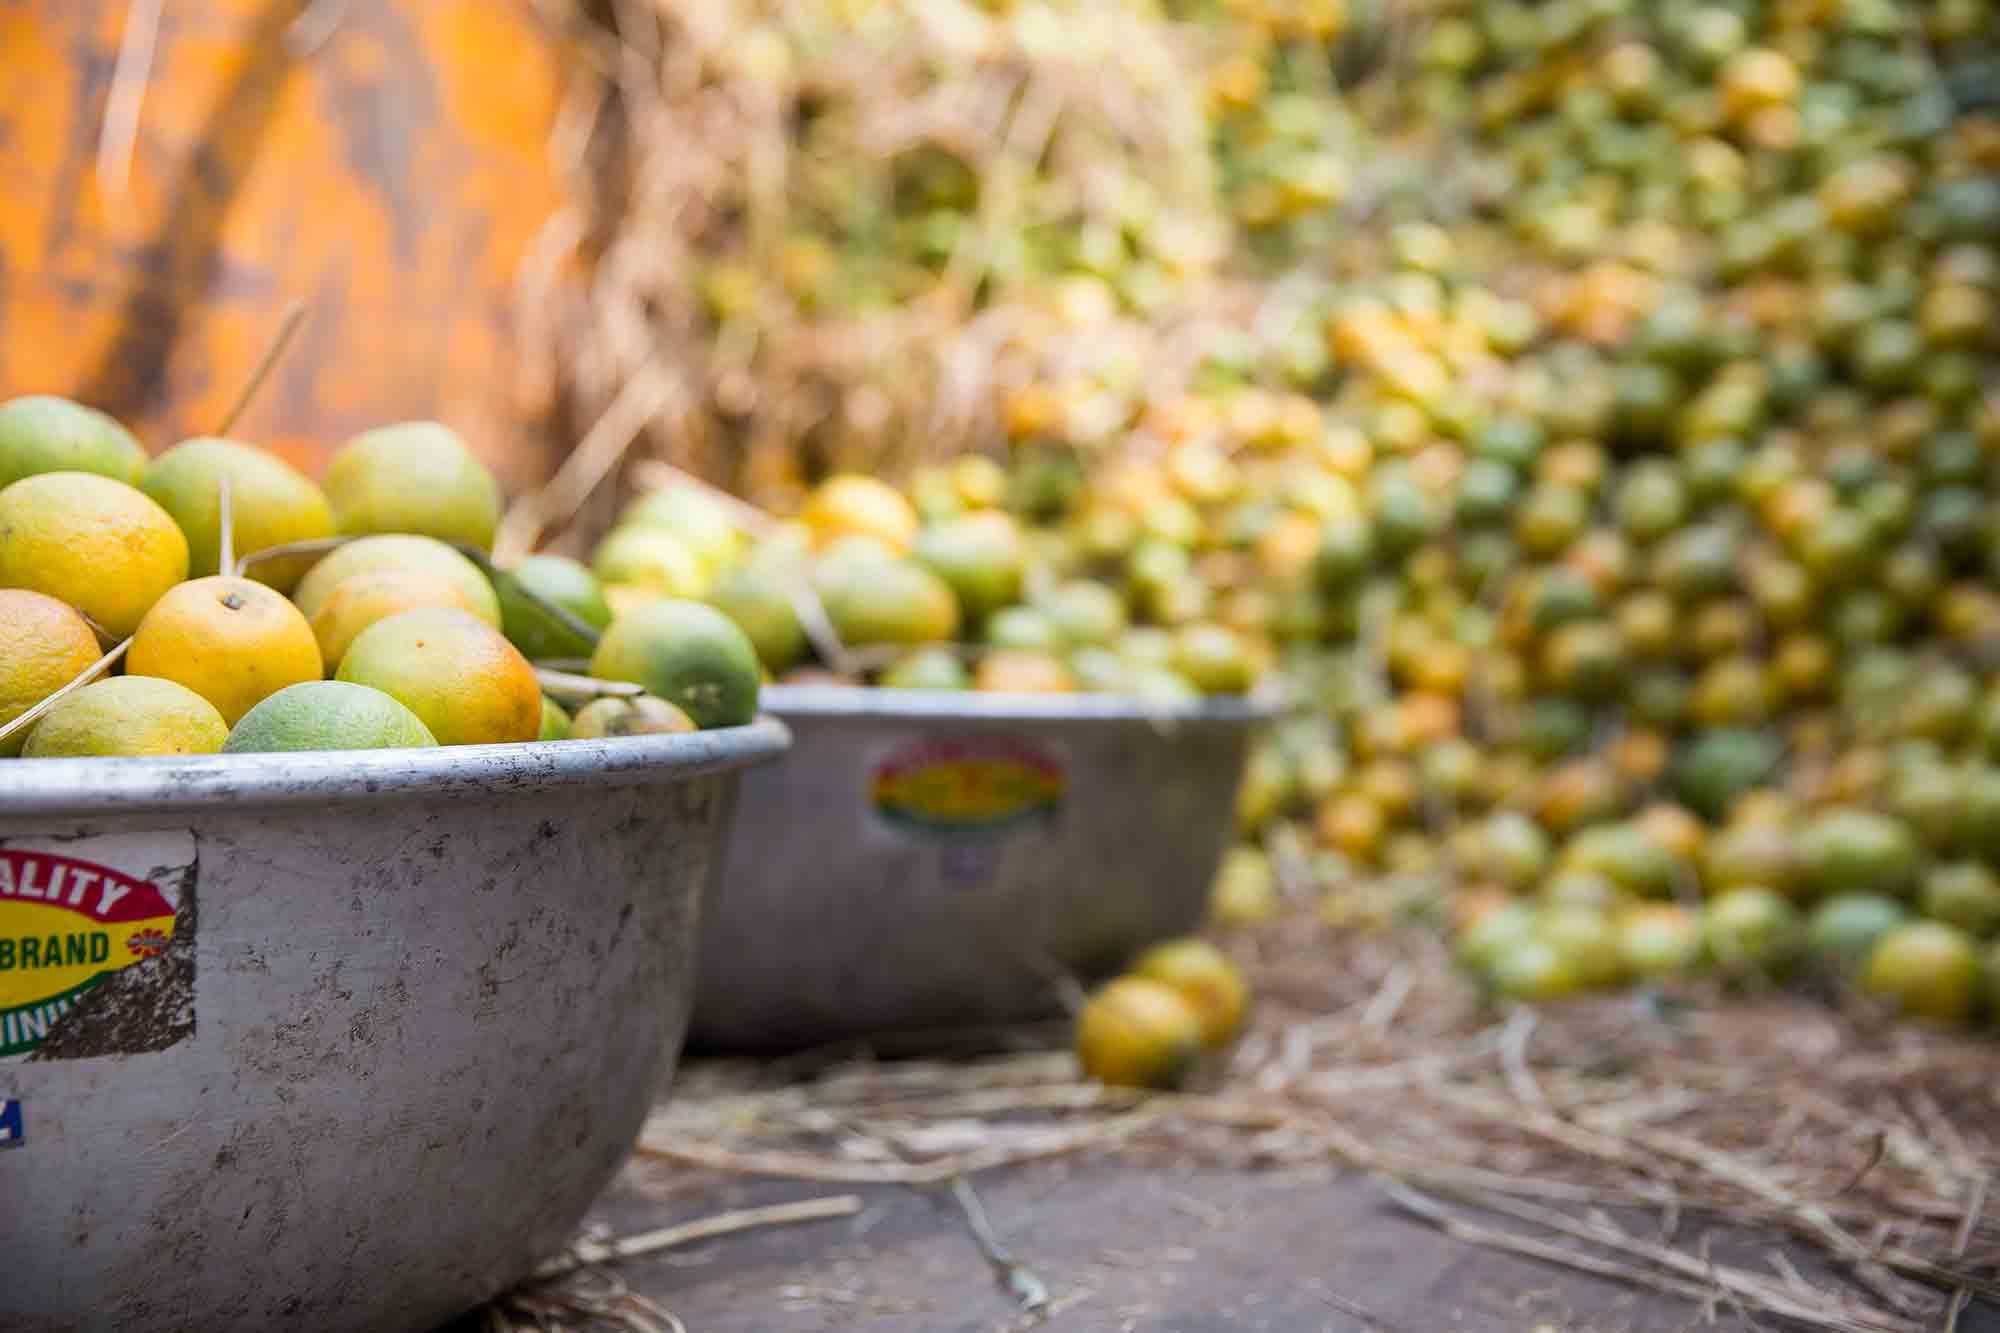 Mechhua-Fruit-Market-oranges-kolkata-india